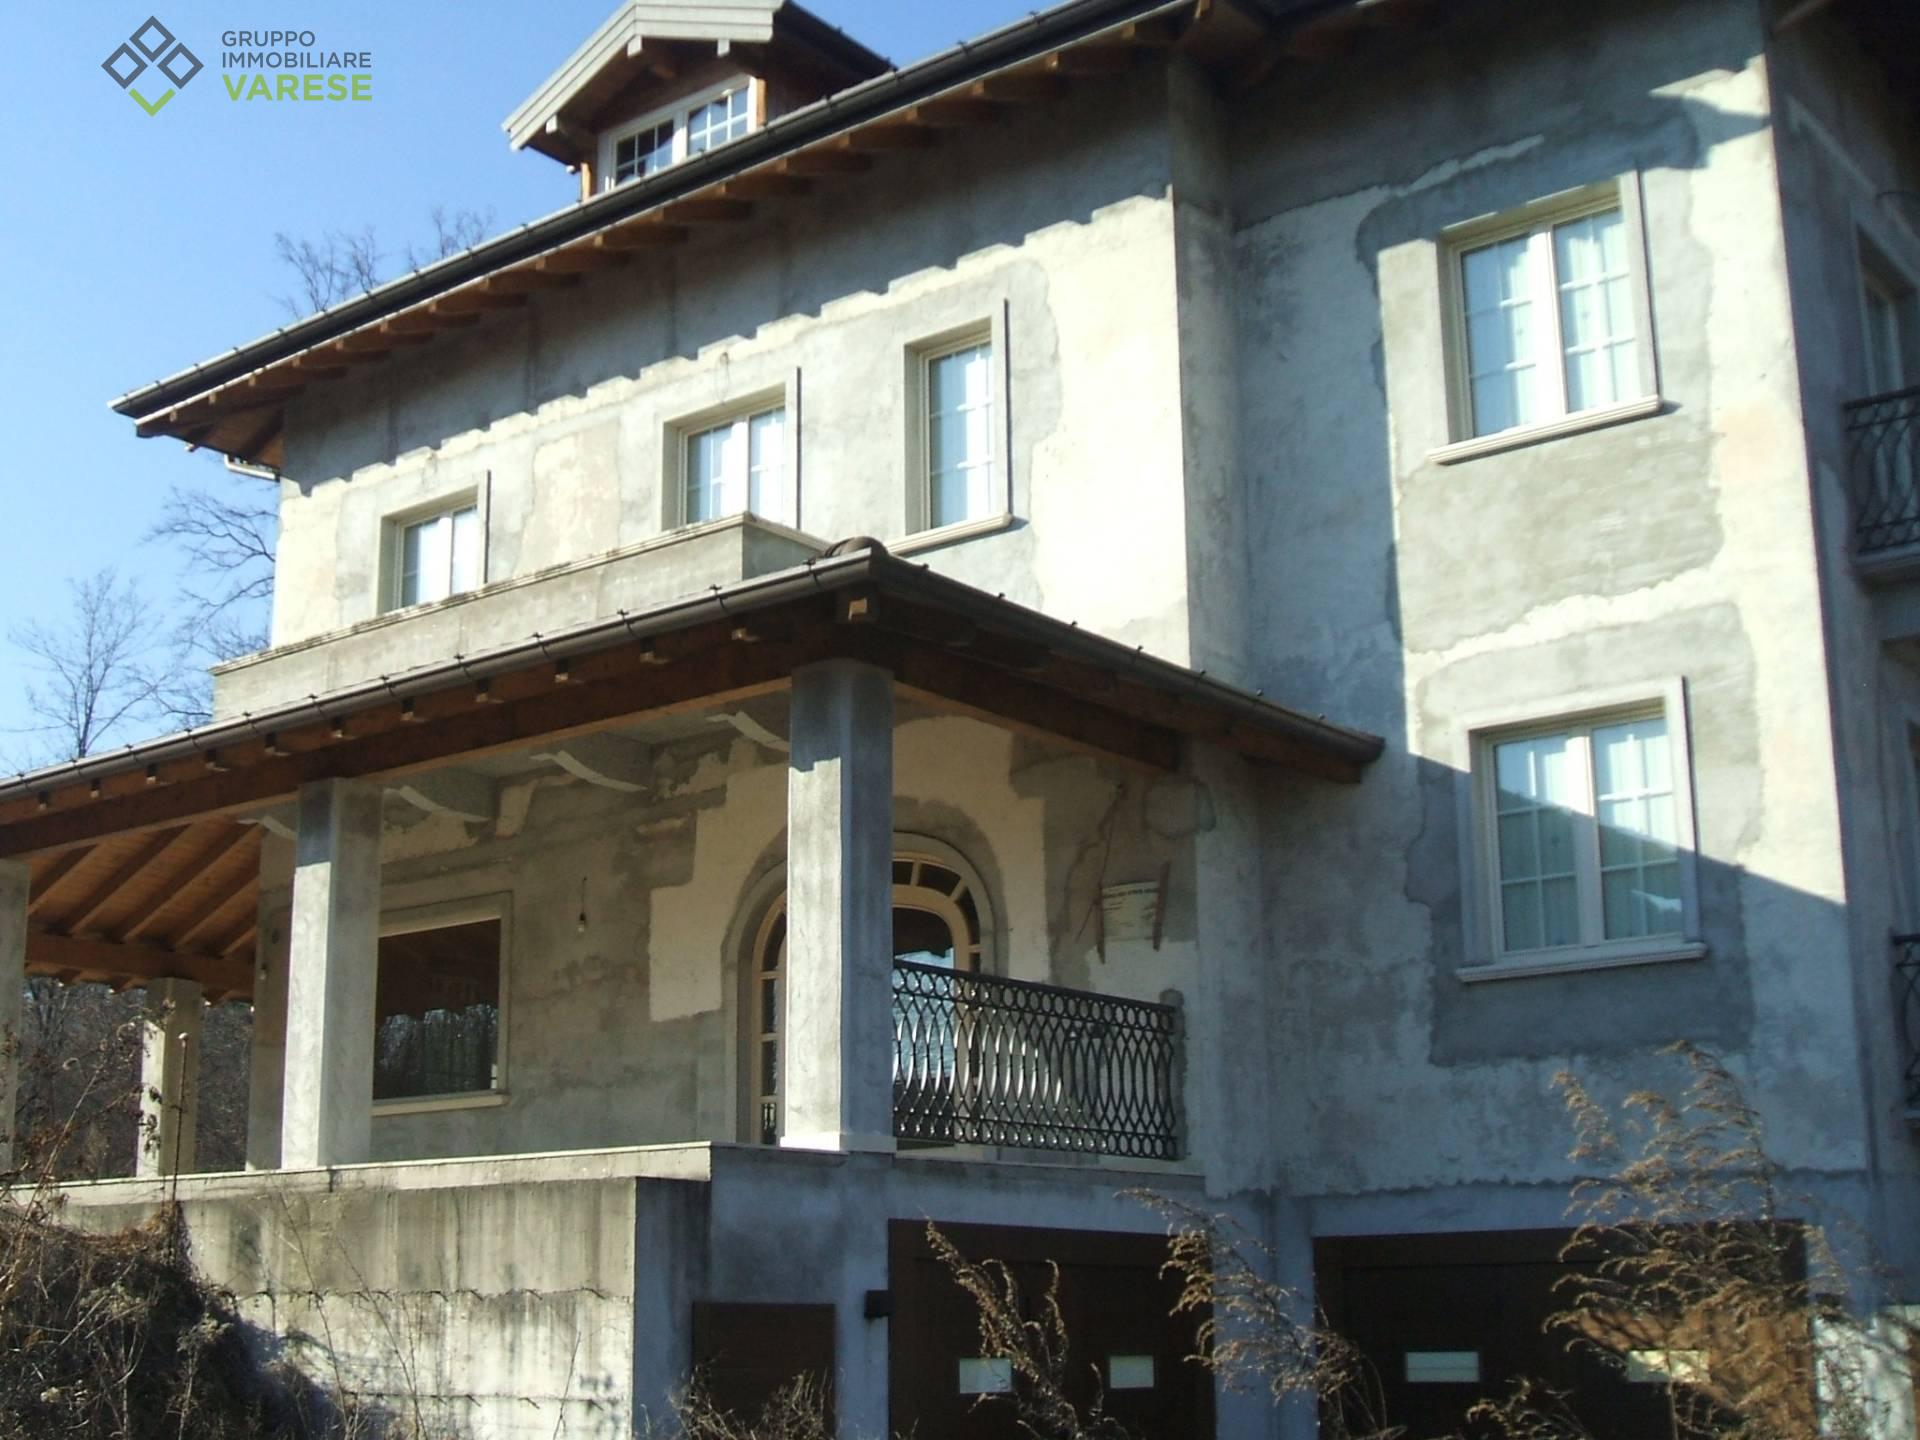 Appartamento in vendita a Brebbia, 6 locali, prezzo € 306.000 | CambioCasa.it